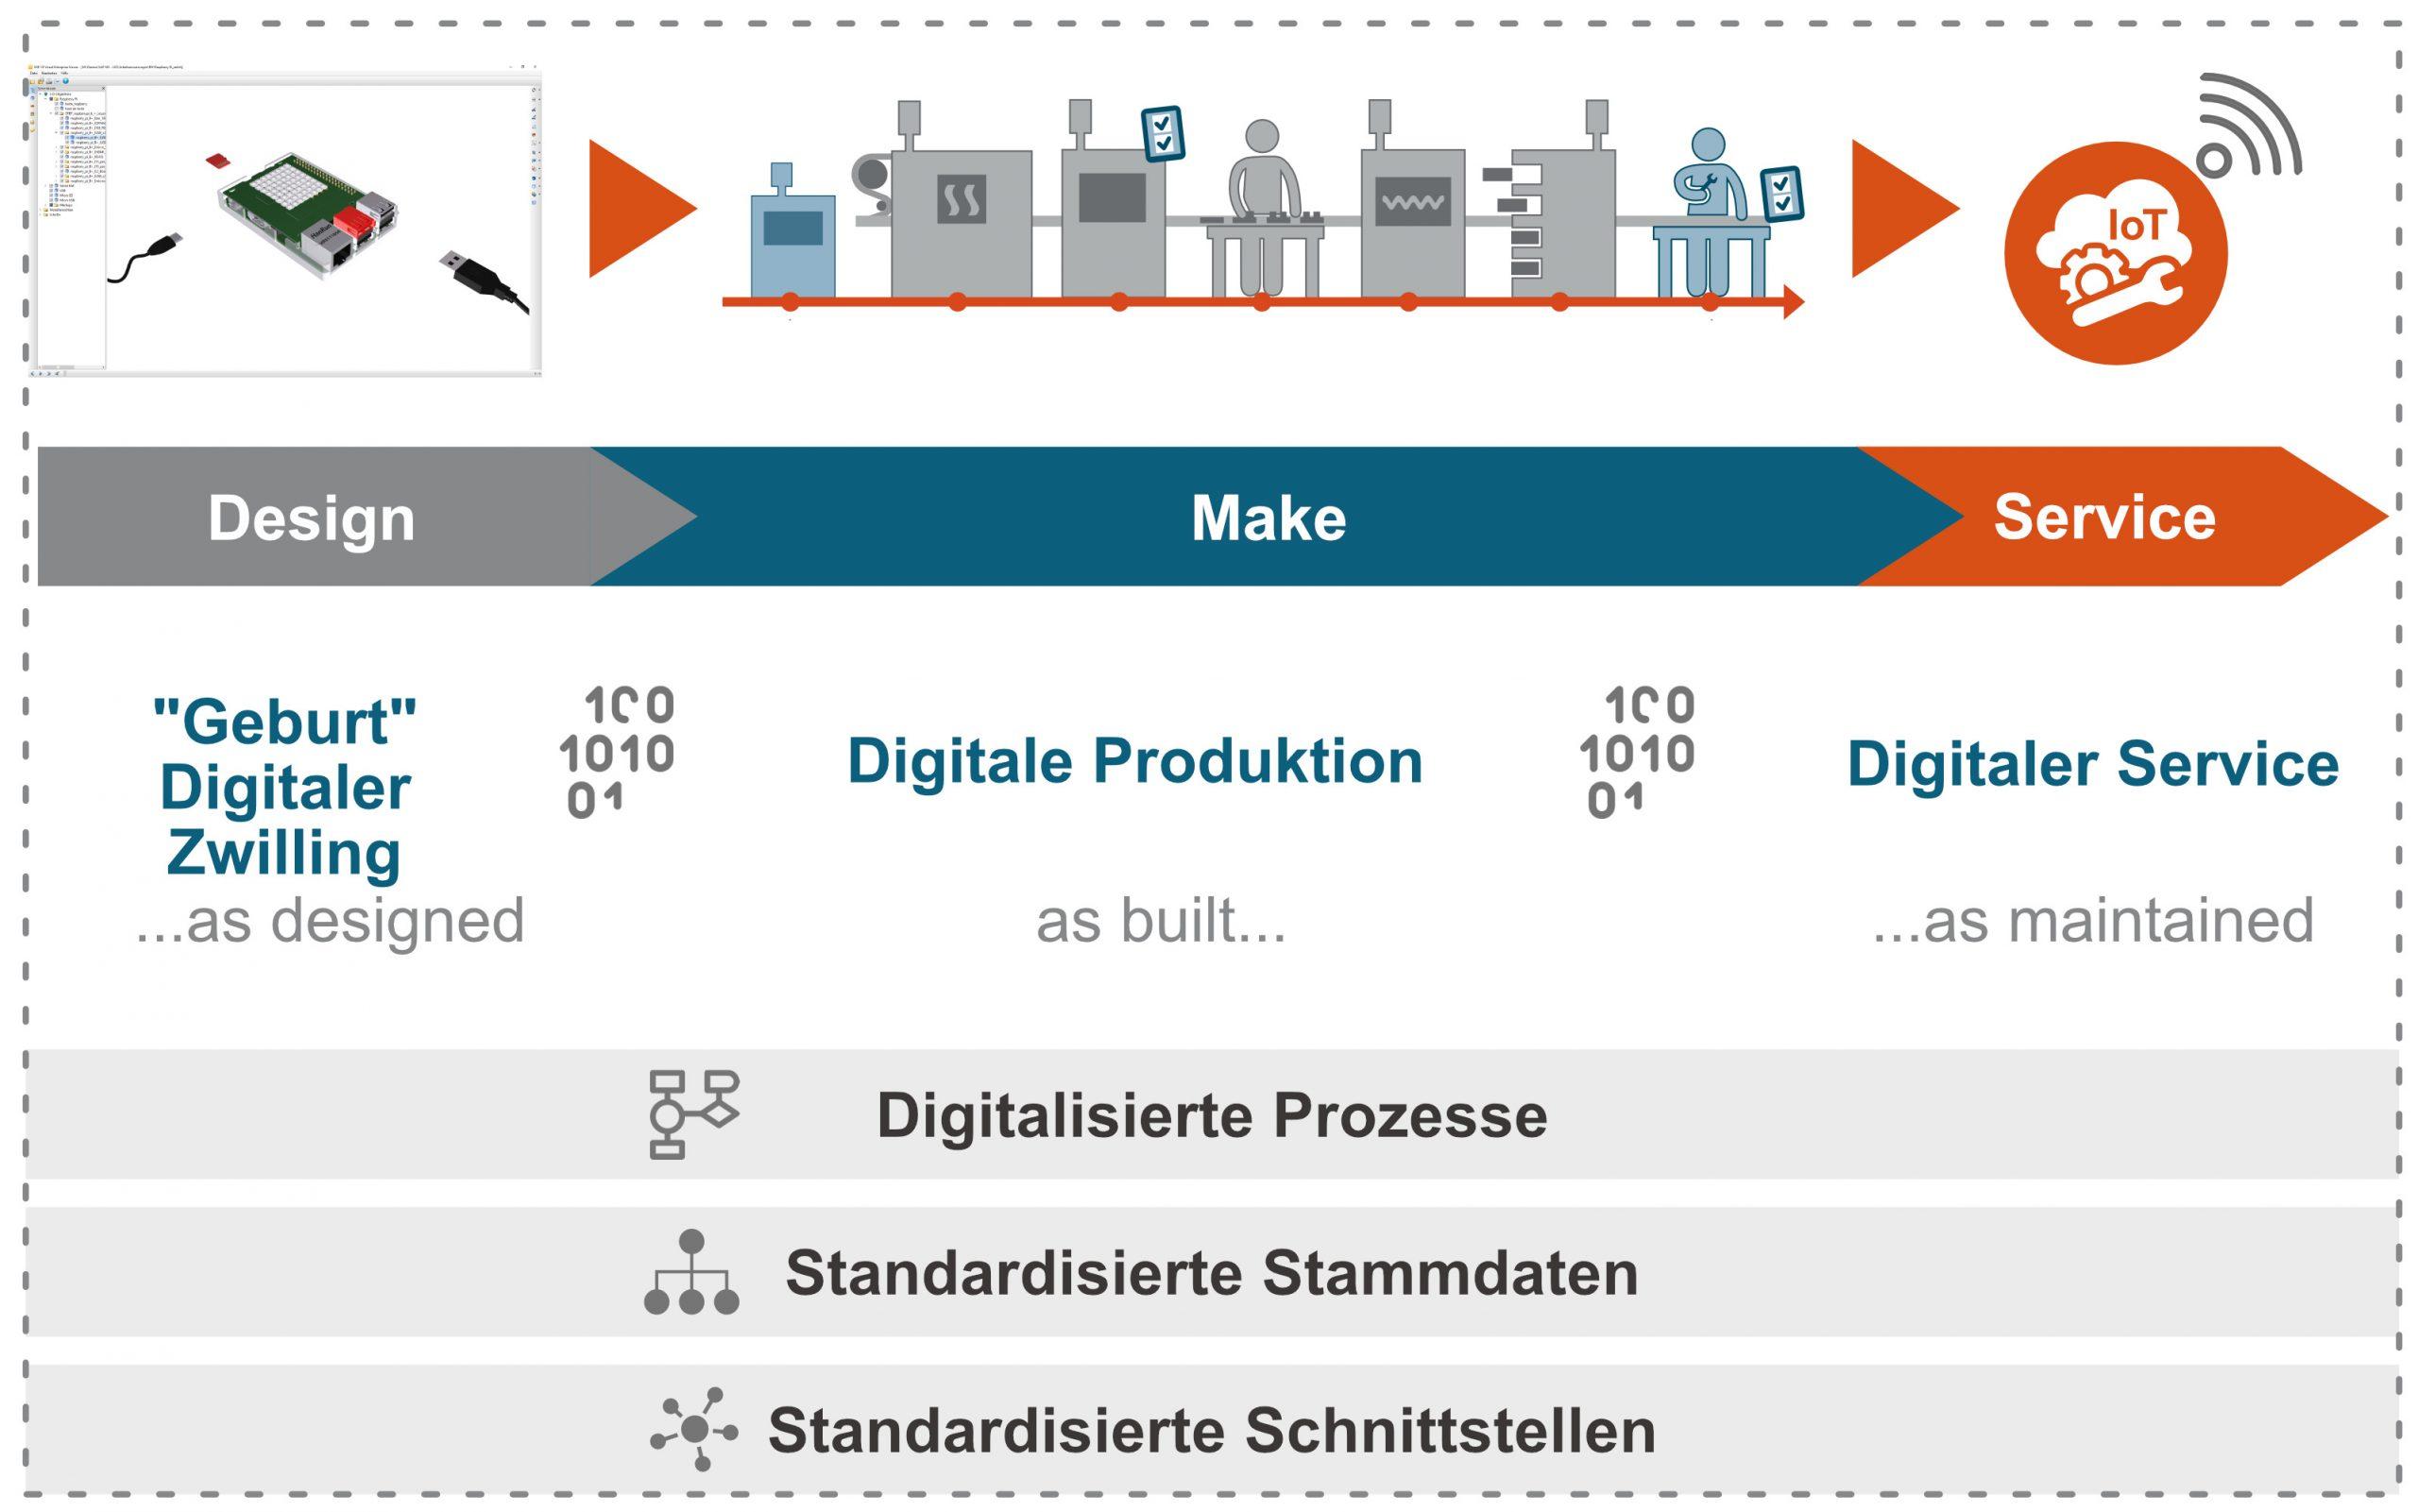 Standardisierte Infrastruktur (Bild: Trebing & Himstedt Prozeßautomation GmbH & Co. KG)